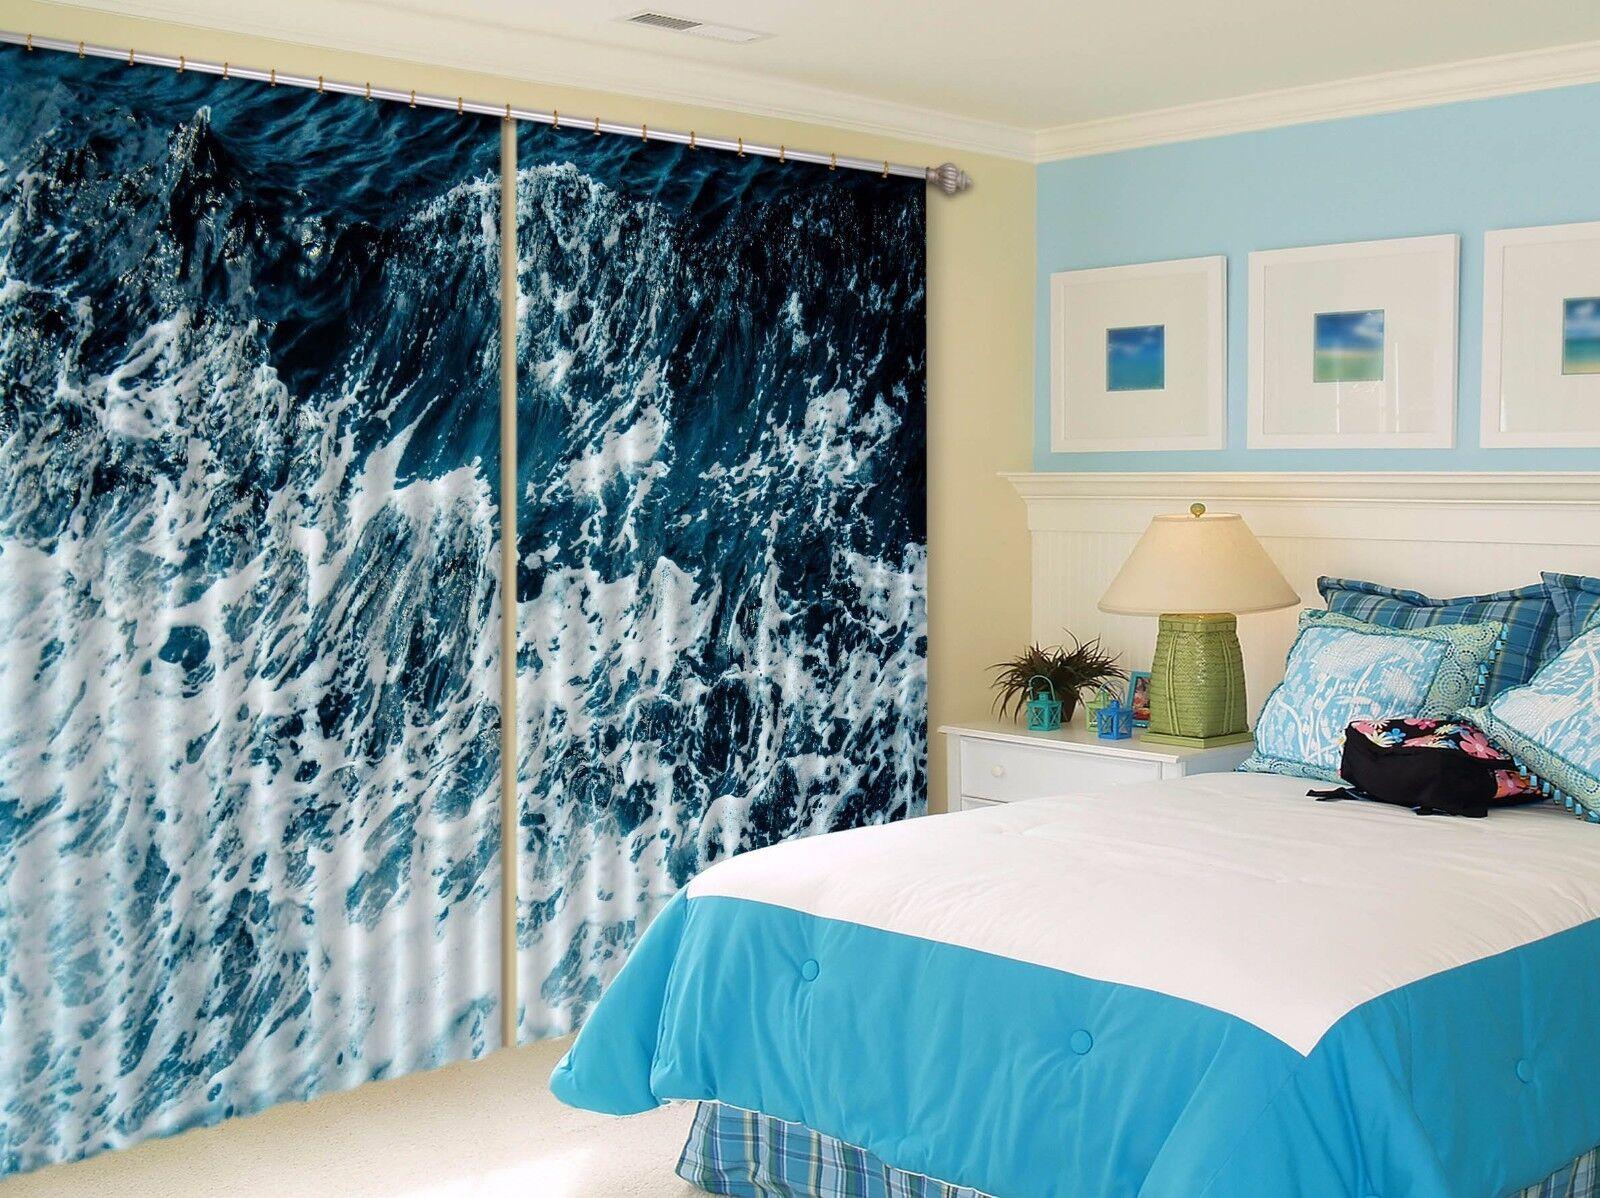 3d azules ola 968 bloqueo foto cortina cortina de impresión sustancia cortinas de ventana